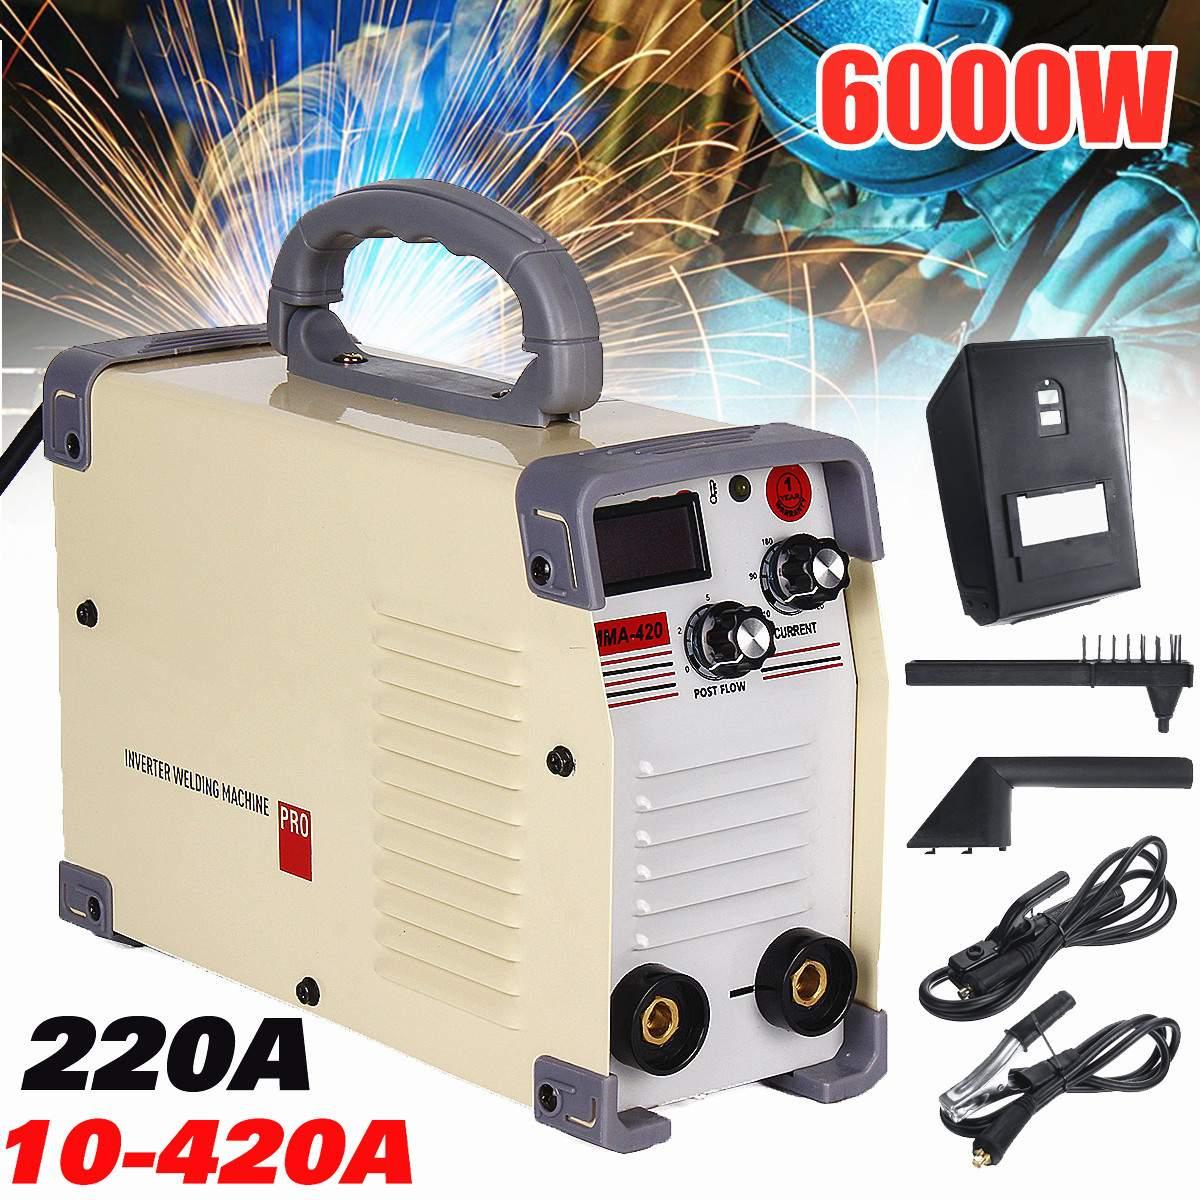 220 V AC 10-420A Handheld Mini MMA DC Inverter-schweißgerät Für Schweißen Arbeits Zubehör Schweißer Inverter Maschine Werkzeug Heißer